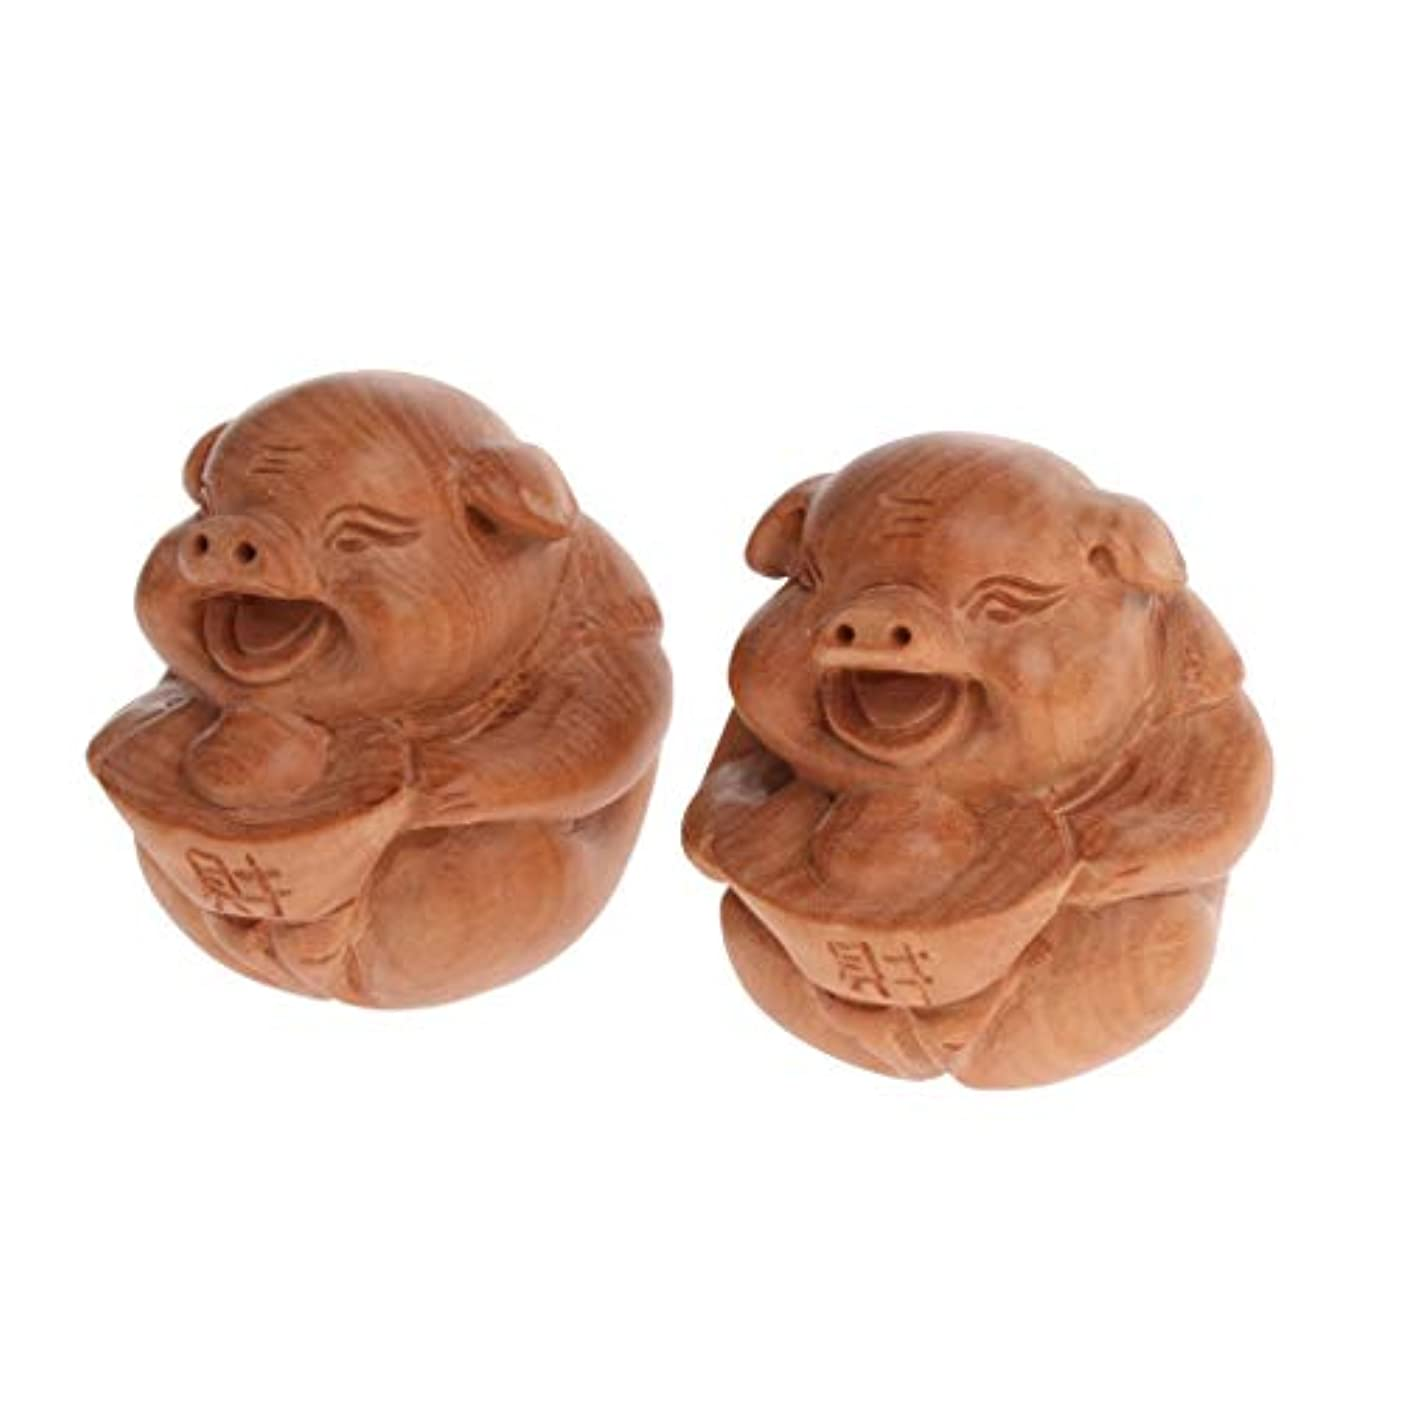 指決済パンフレットchiwanji 木製 指エクササイズ ボール マッサージボール フェイシャルエステツール 持ち運び 可能